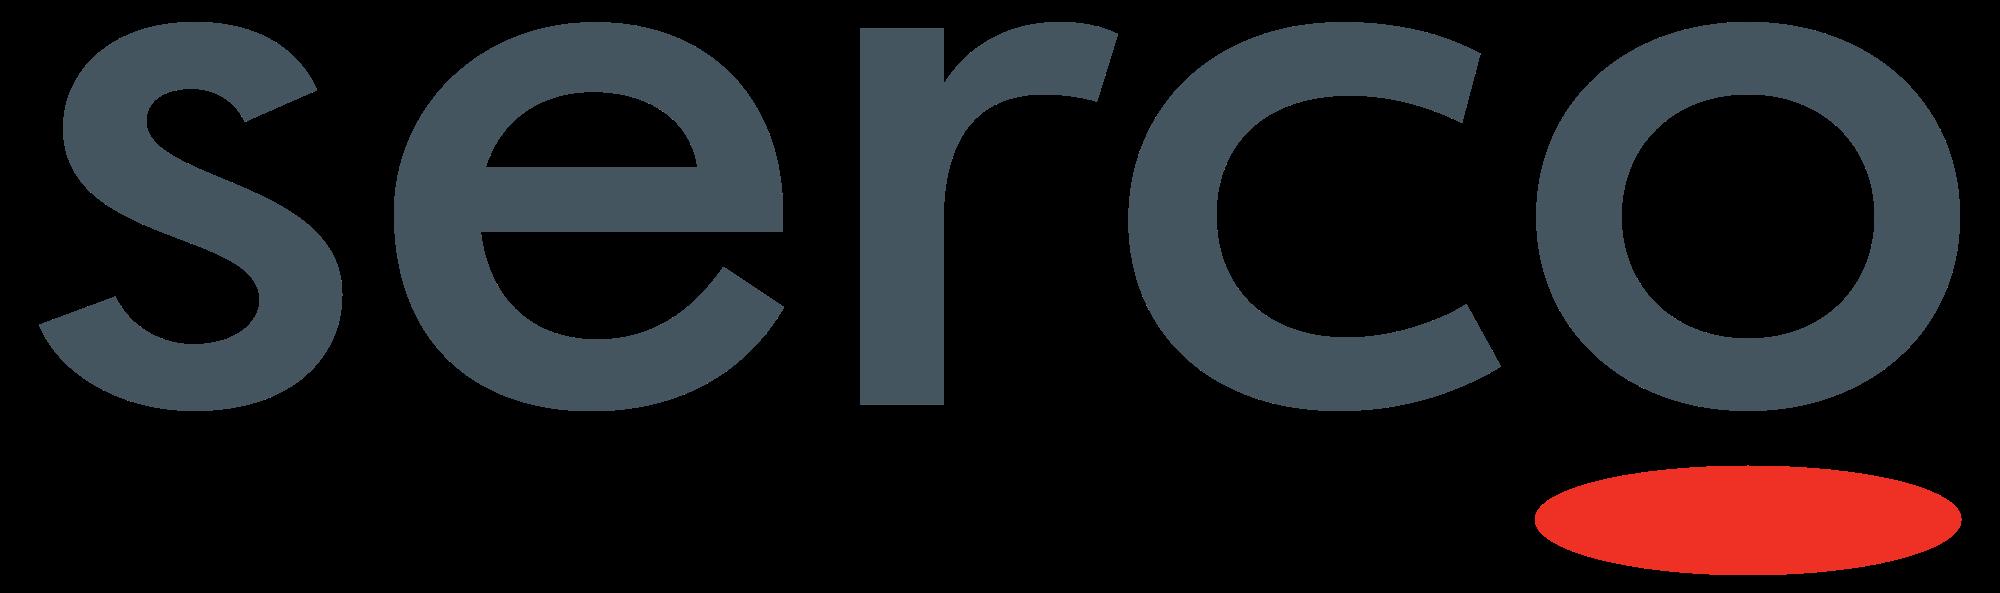 2000px-Serco_logo.png